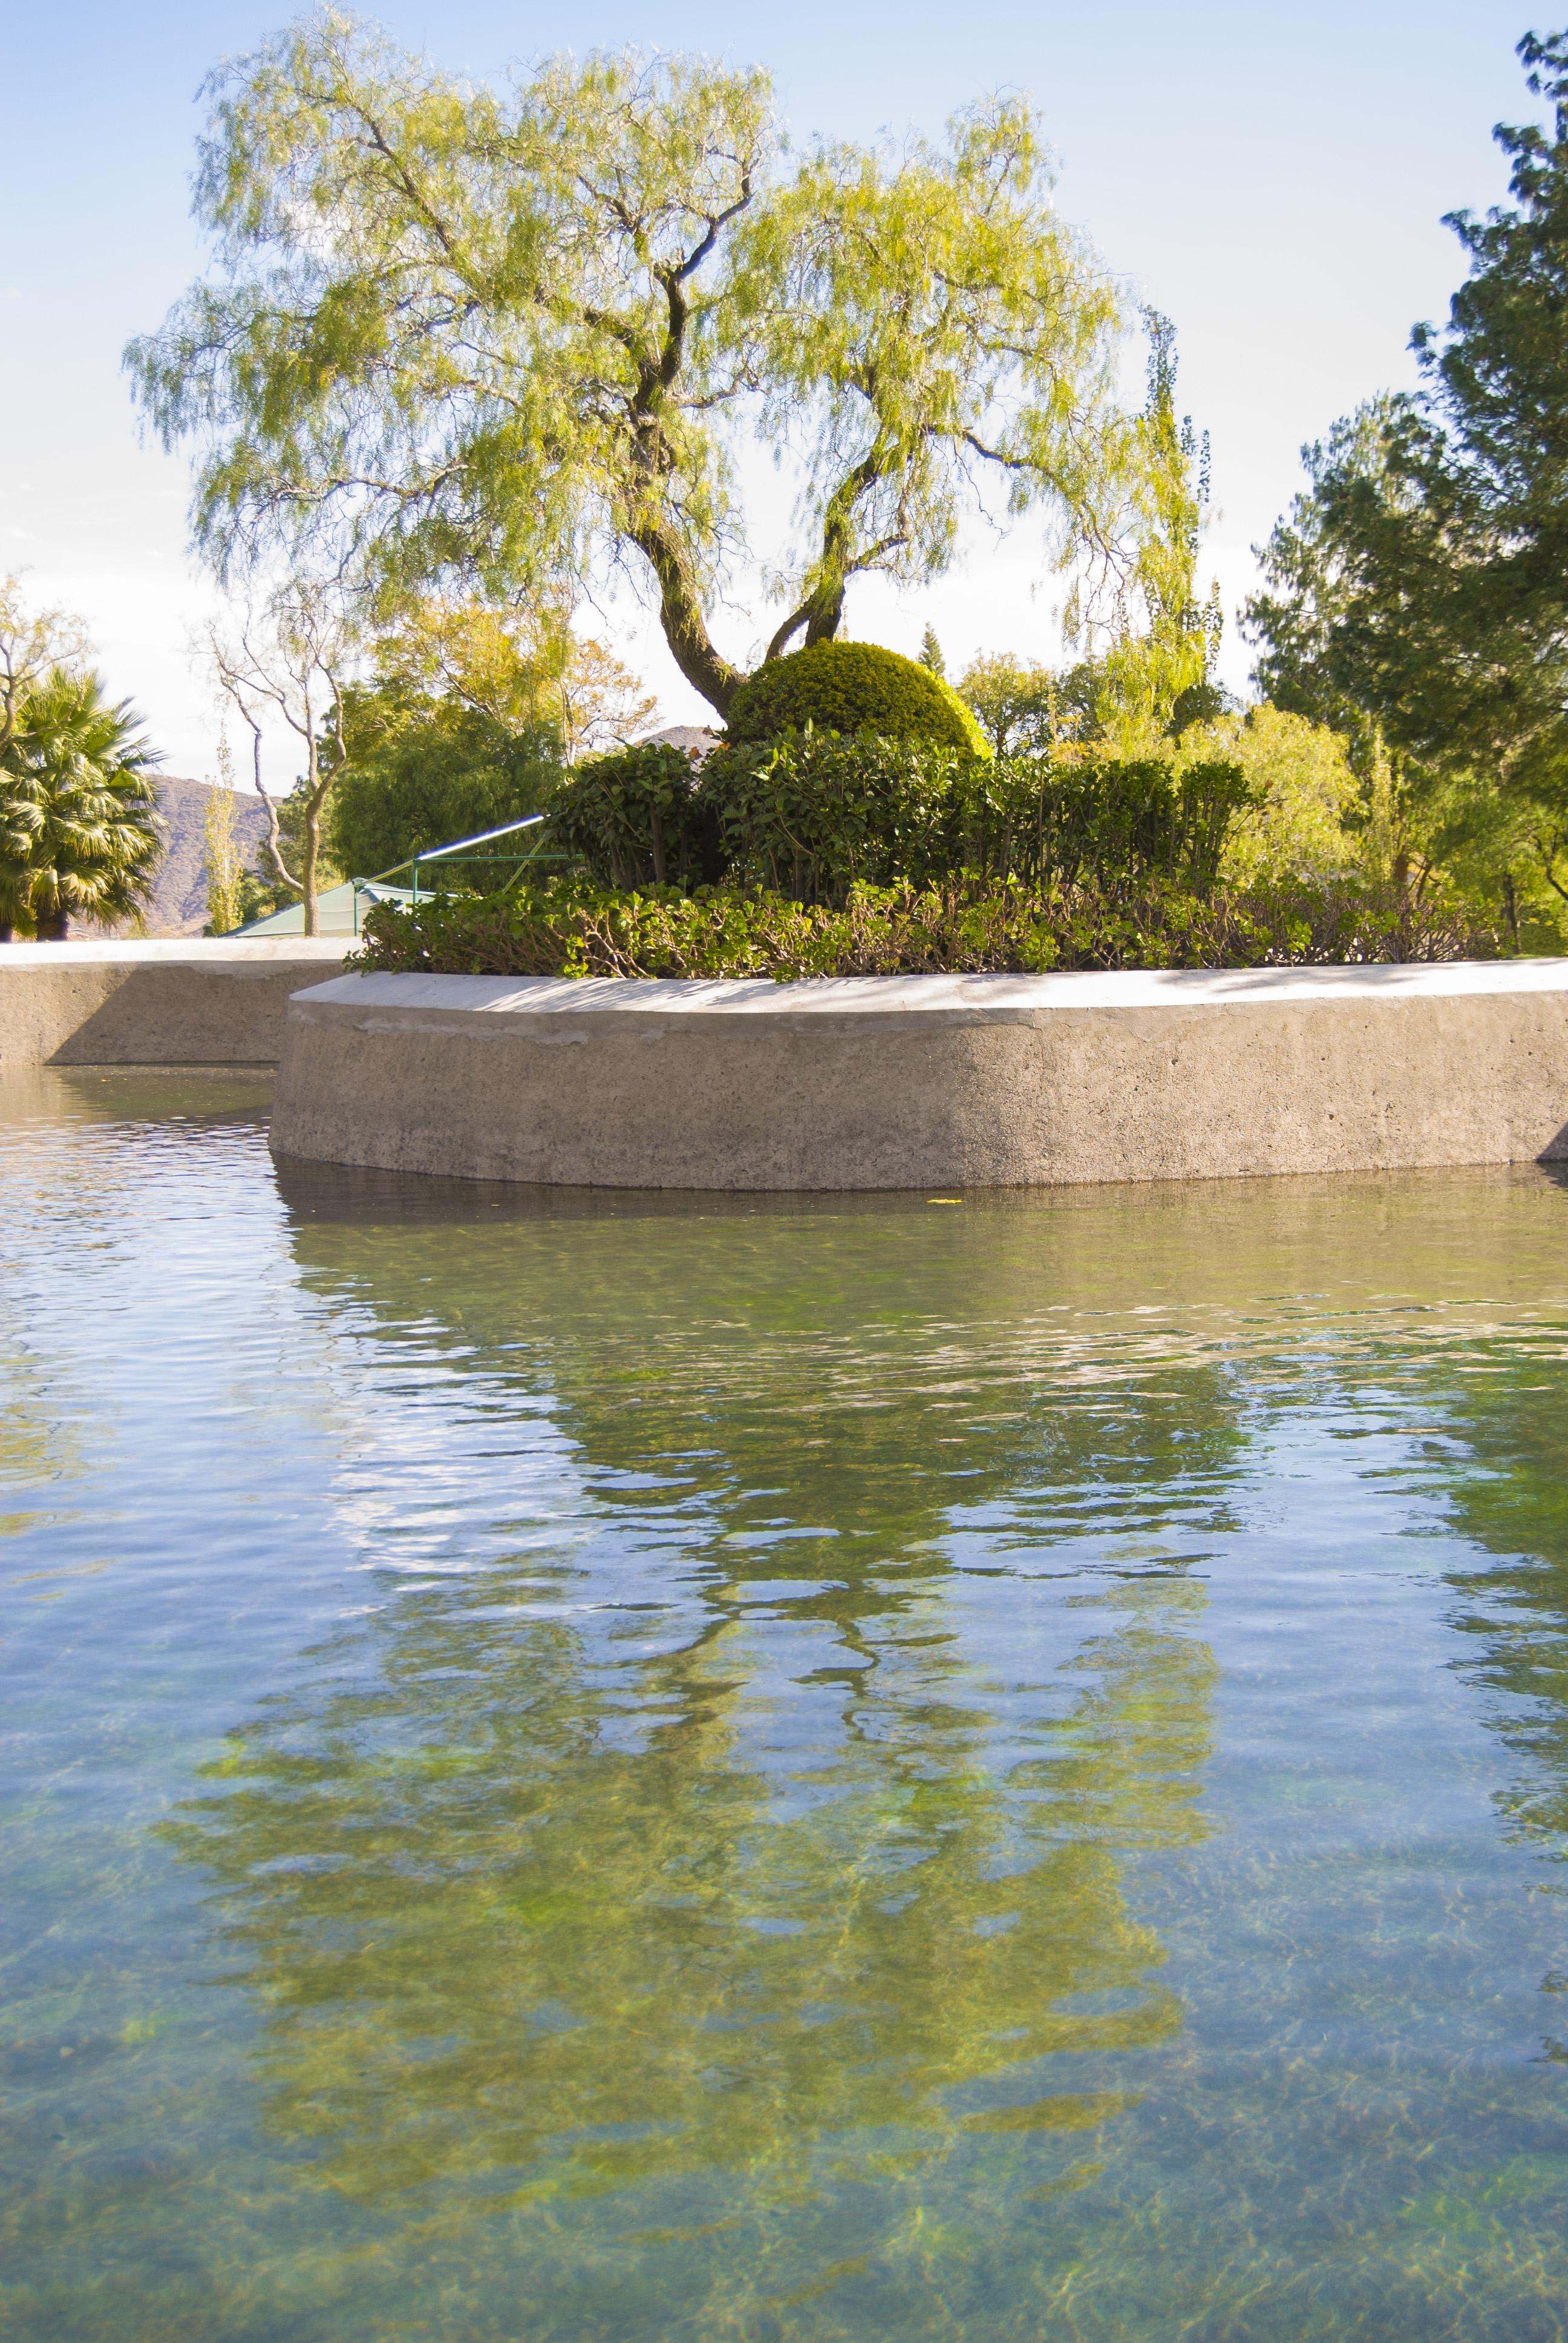 Paesaggi D Acqua Piscine immagini belle : fiume, acqua, verde, parco, lago, albero